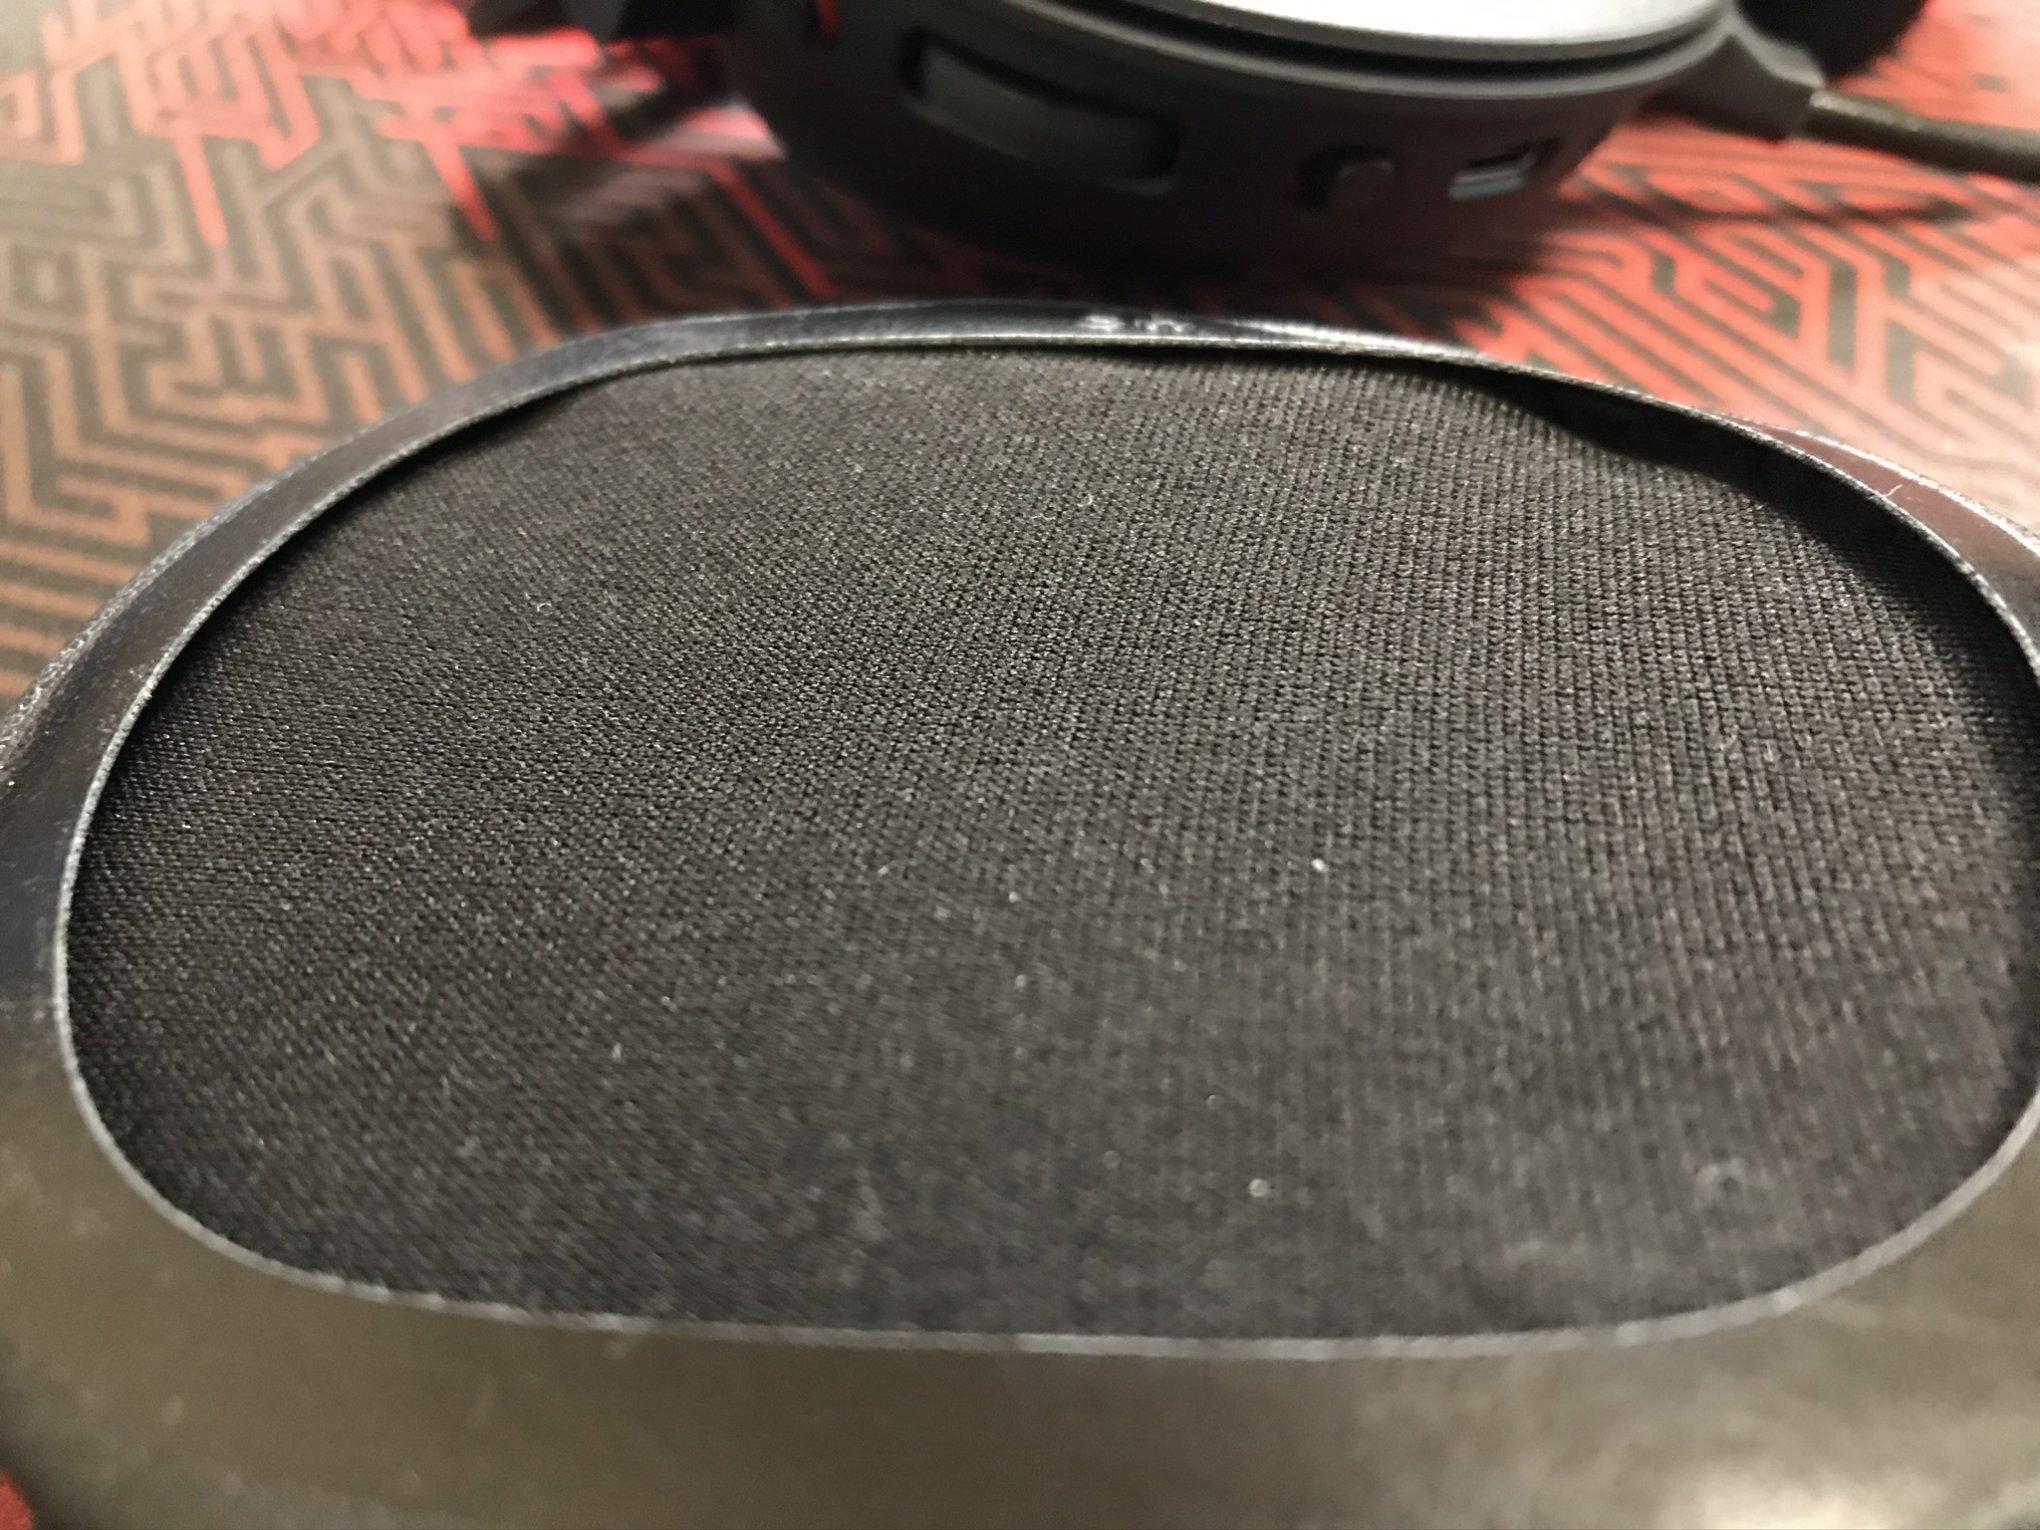 ロジクールG PRO X WIRELESSのイヤーパッド取り付け位置